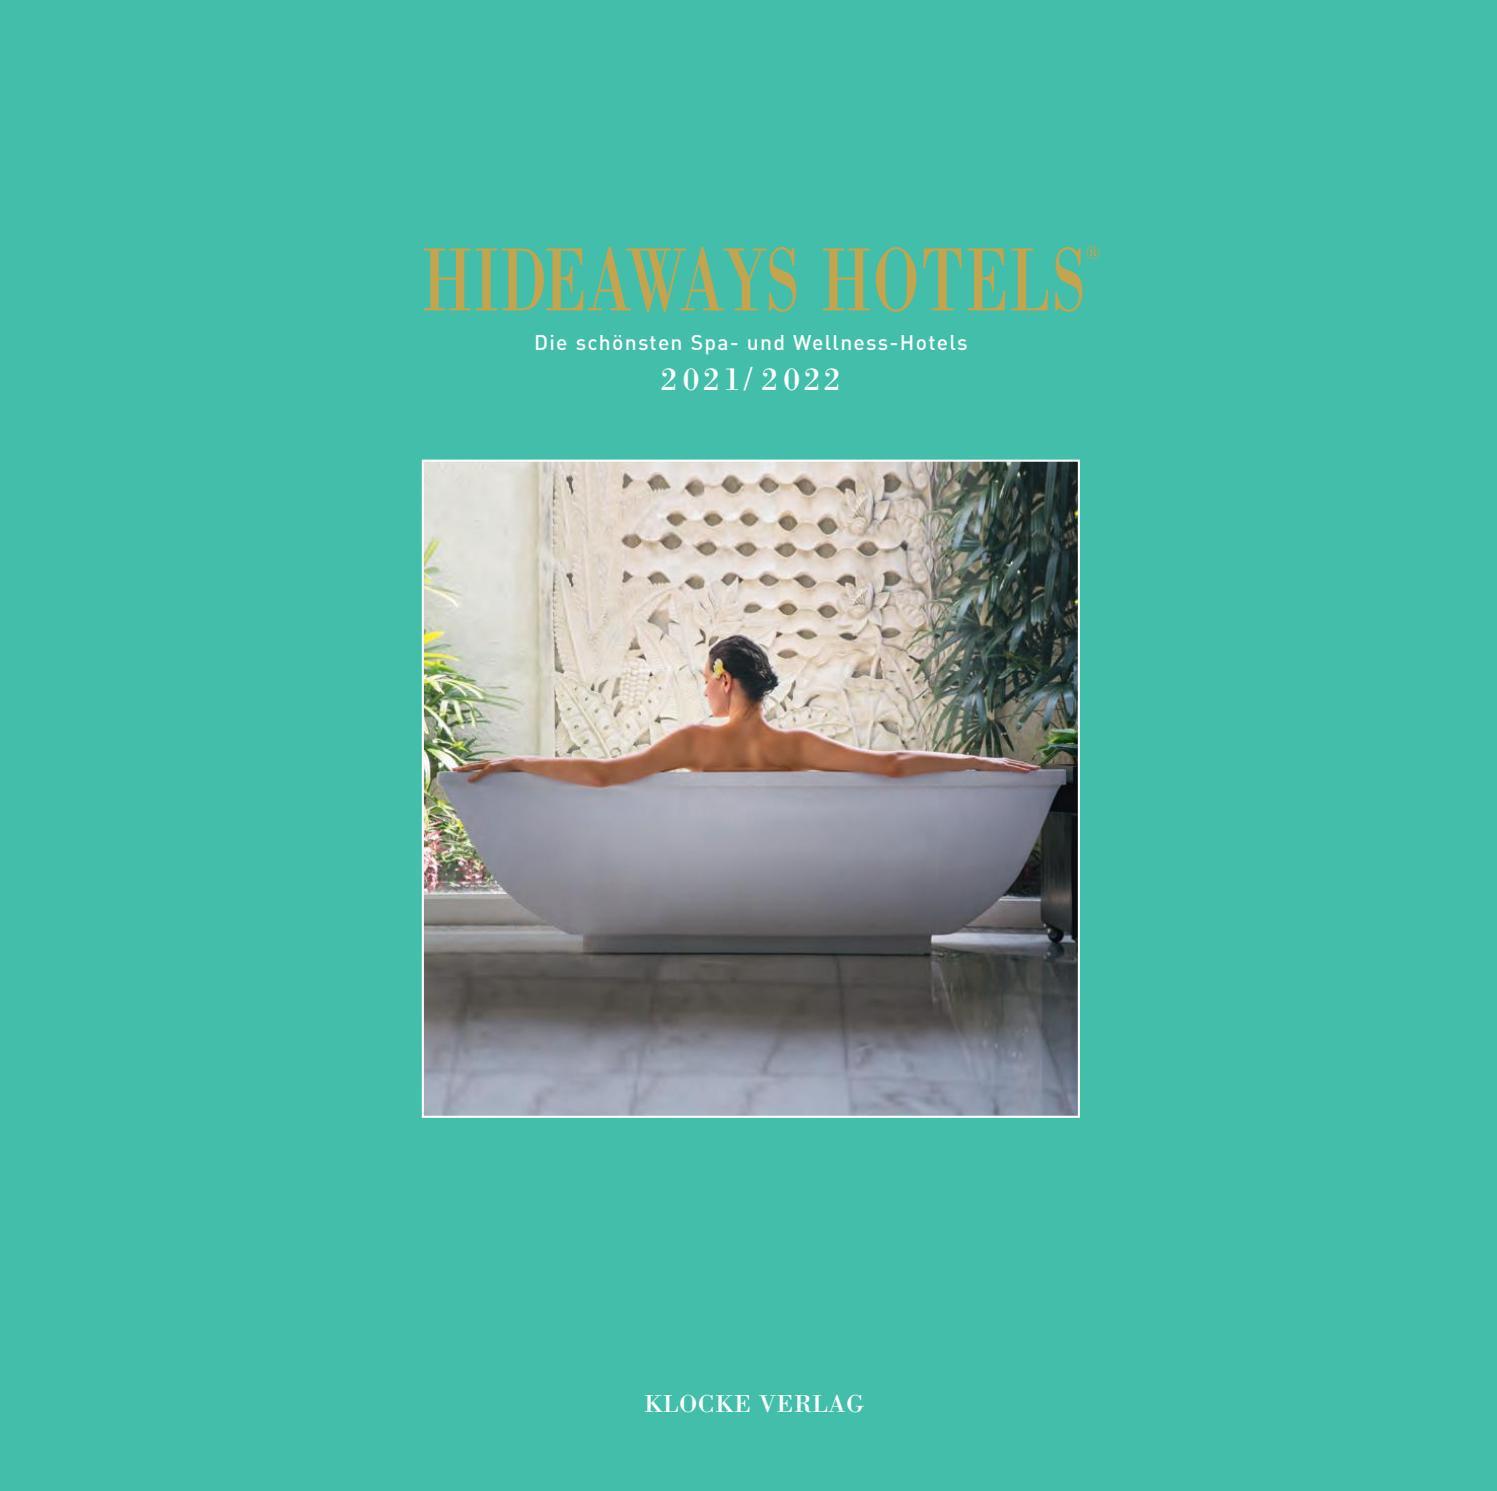 Hideaways Spa Guide 20/20 by Klocke Verlag   issuu